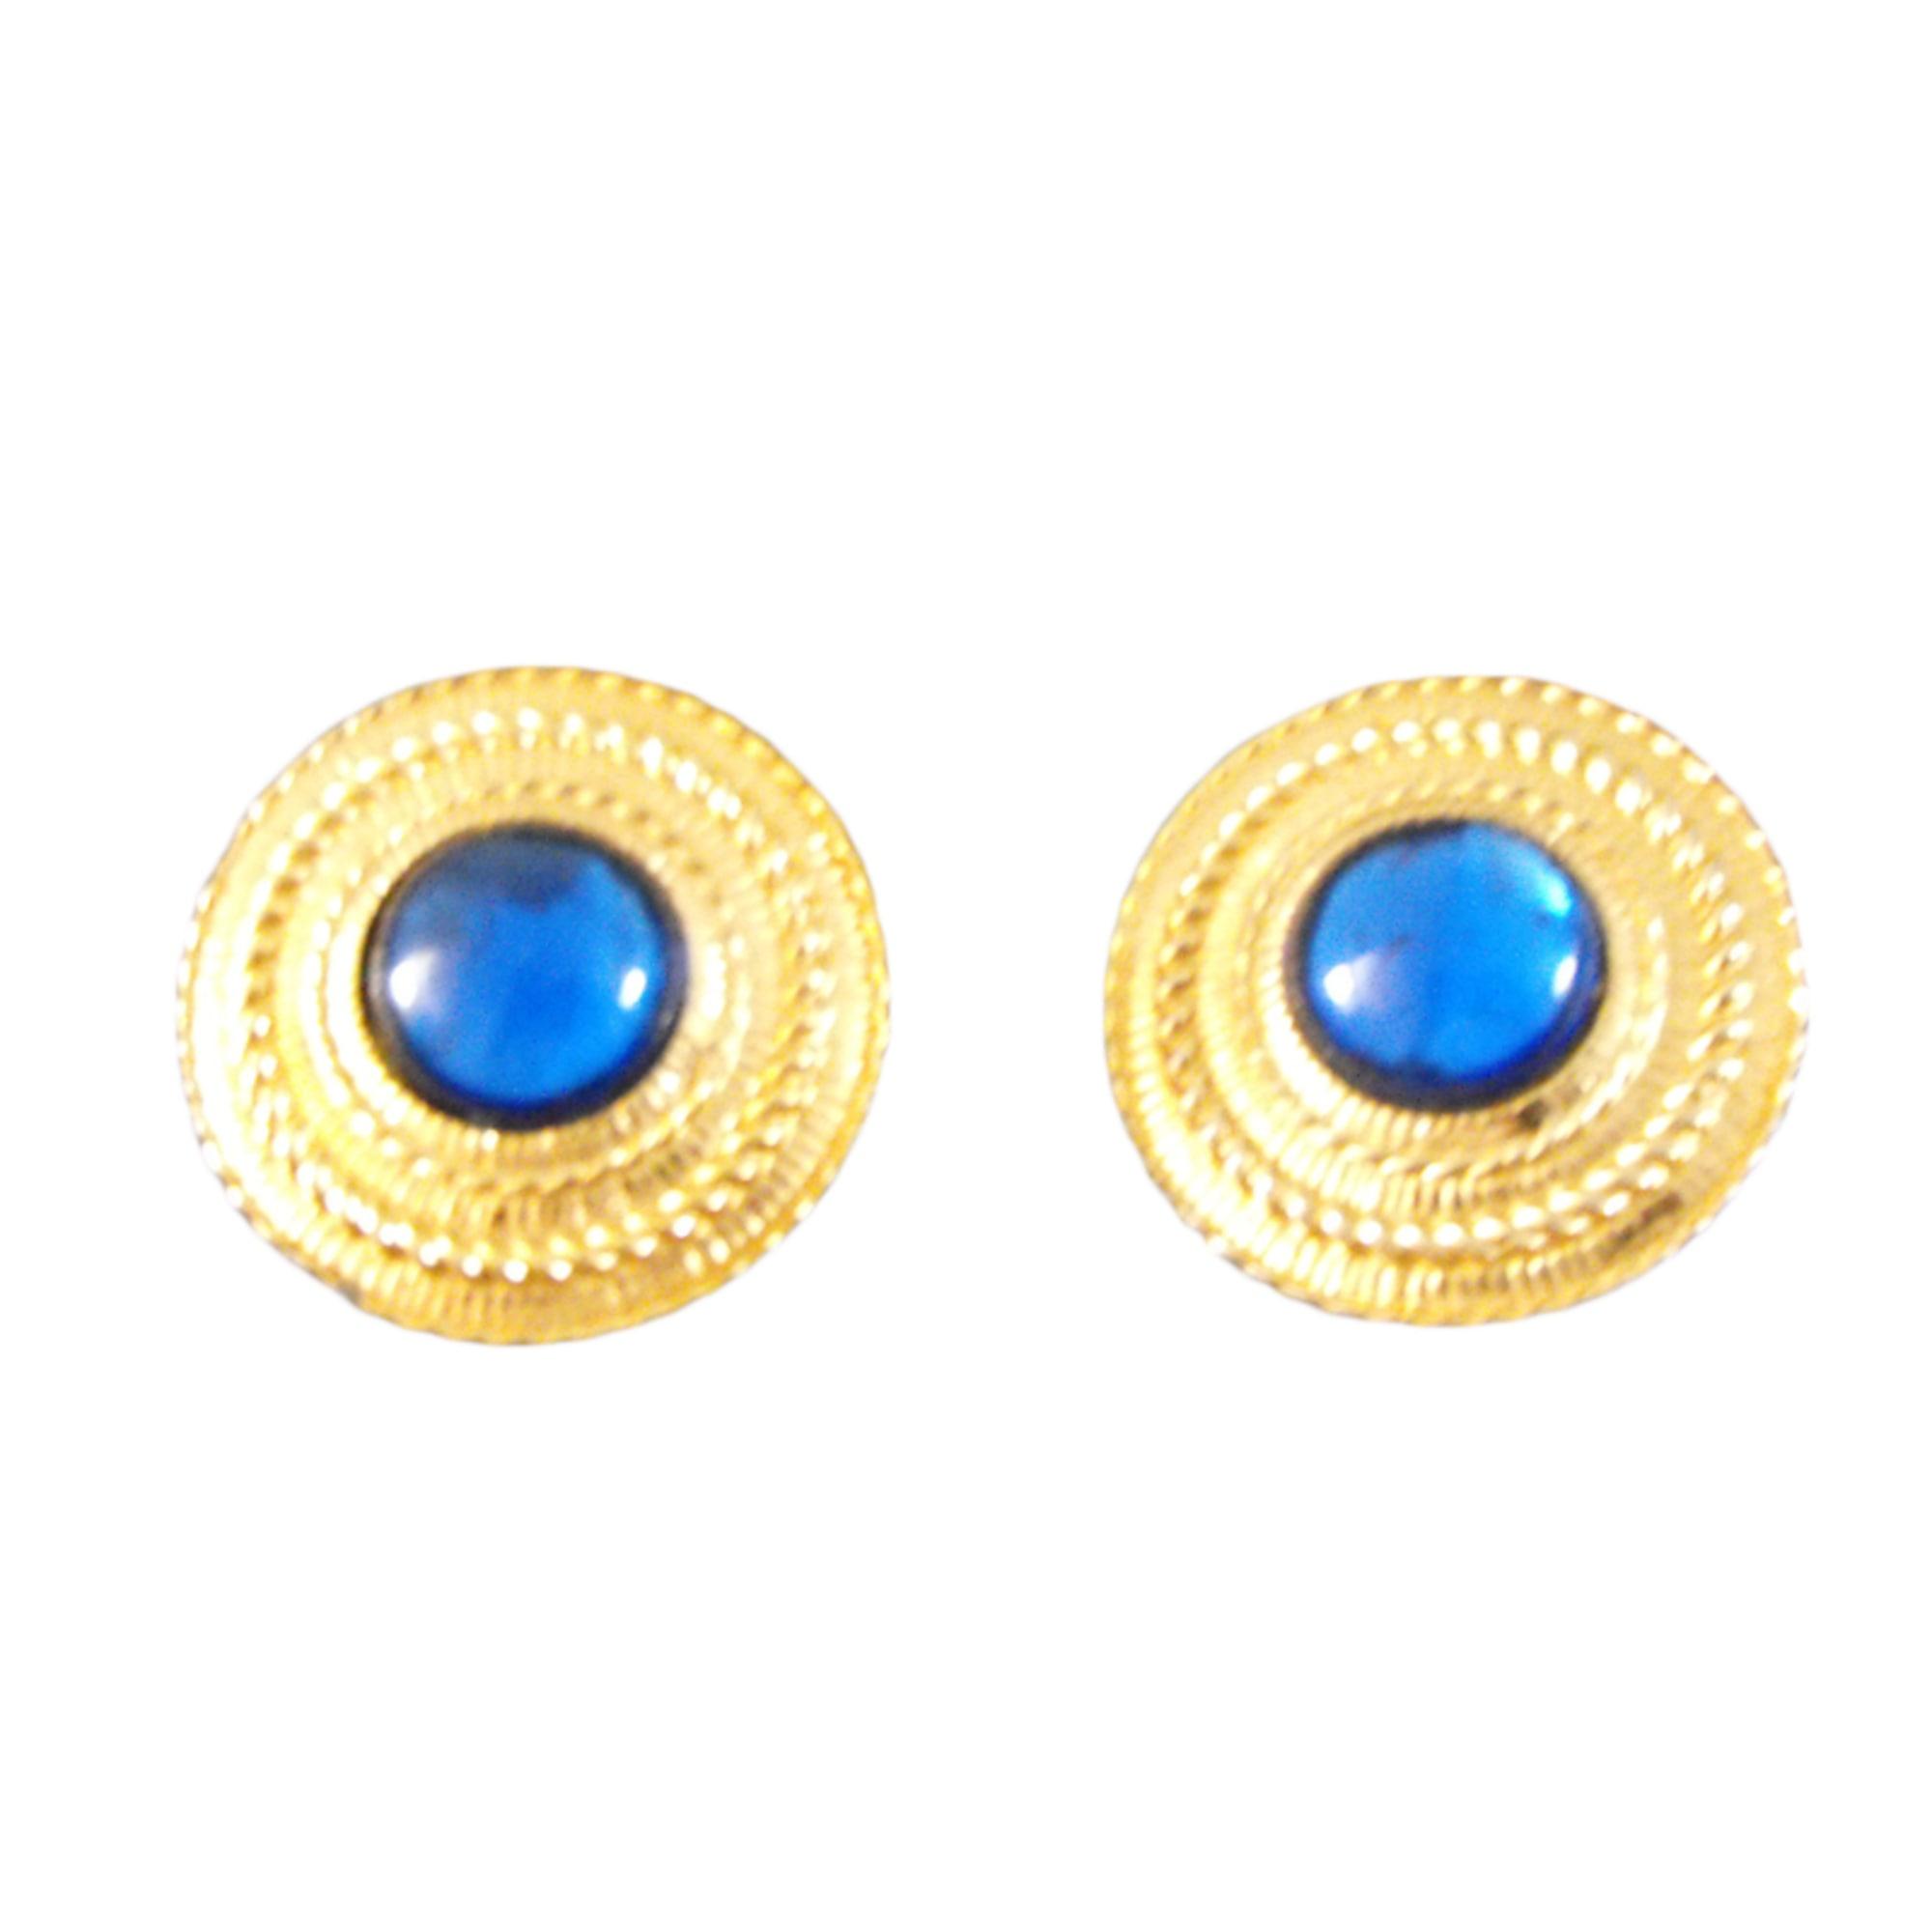 Boucles d'oreilles GIVENCHY céramique doré